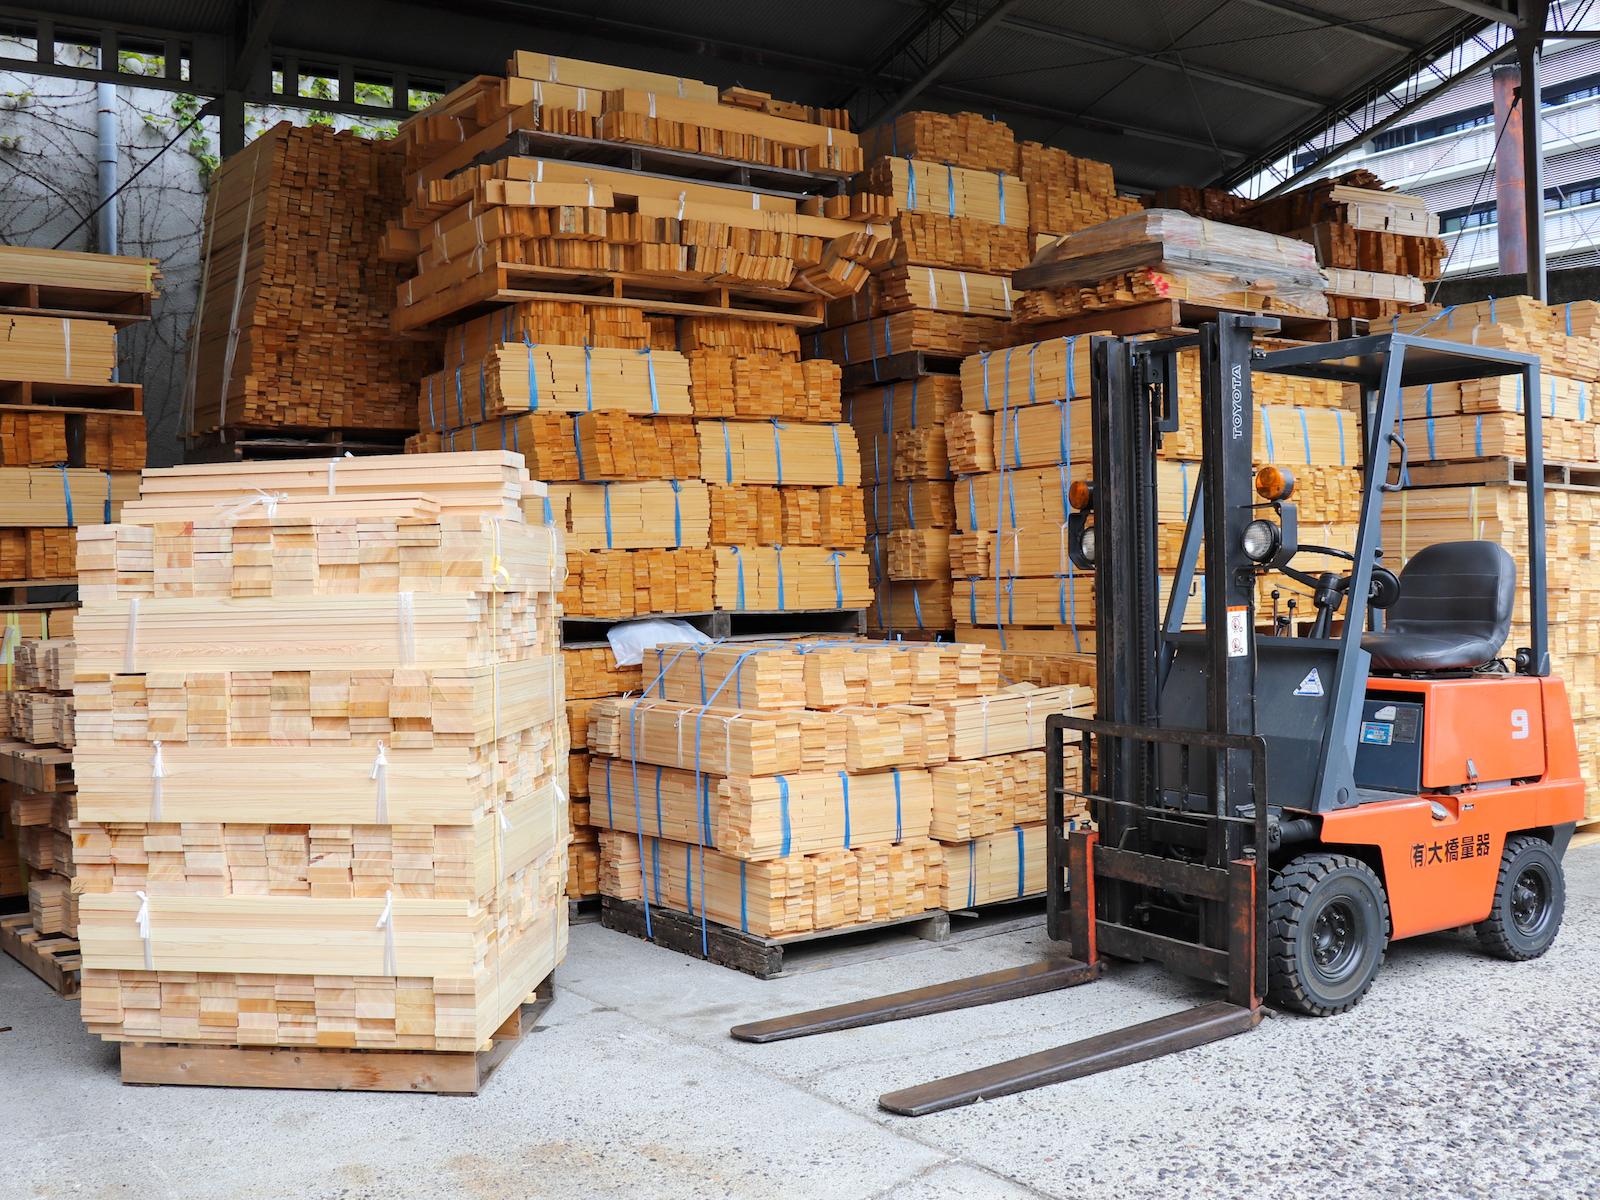 大垣市に自社工場を構える大橋量器。敷地内には枡の材料であるヒノキが整然と並びます